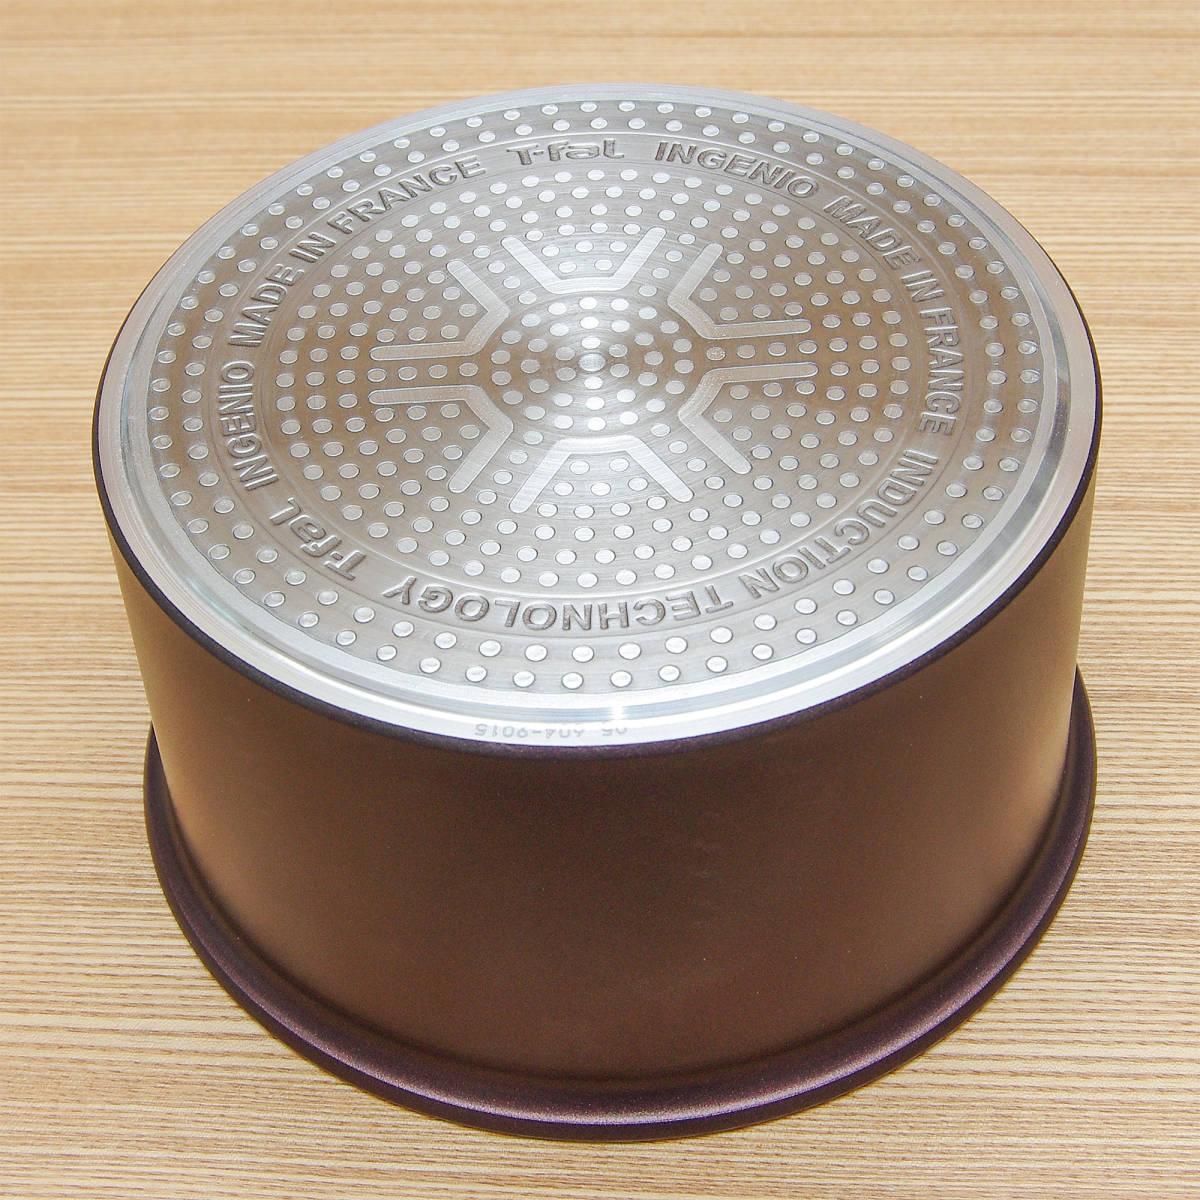 ティファールT-fal「インジニオ・ネオ」IH対応 ソースパン 16cm 3点セット ブルゴーニュ・エクセレンス*新品